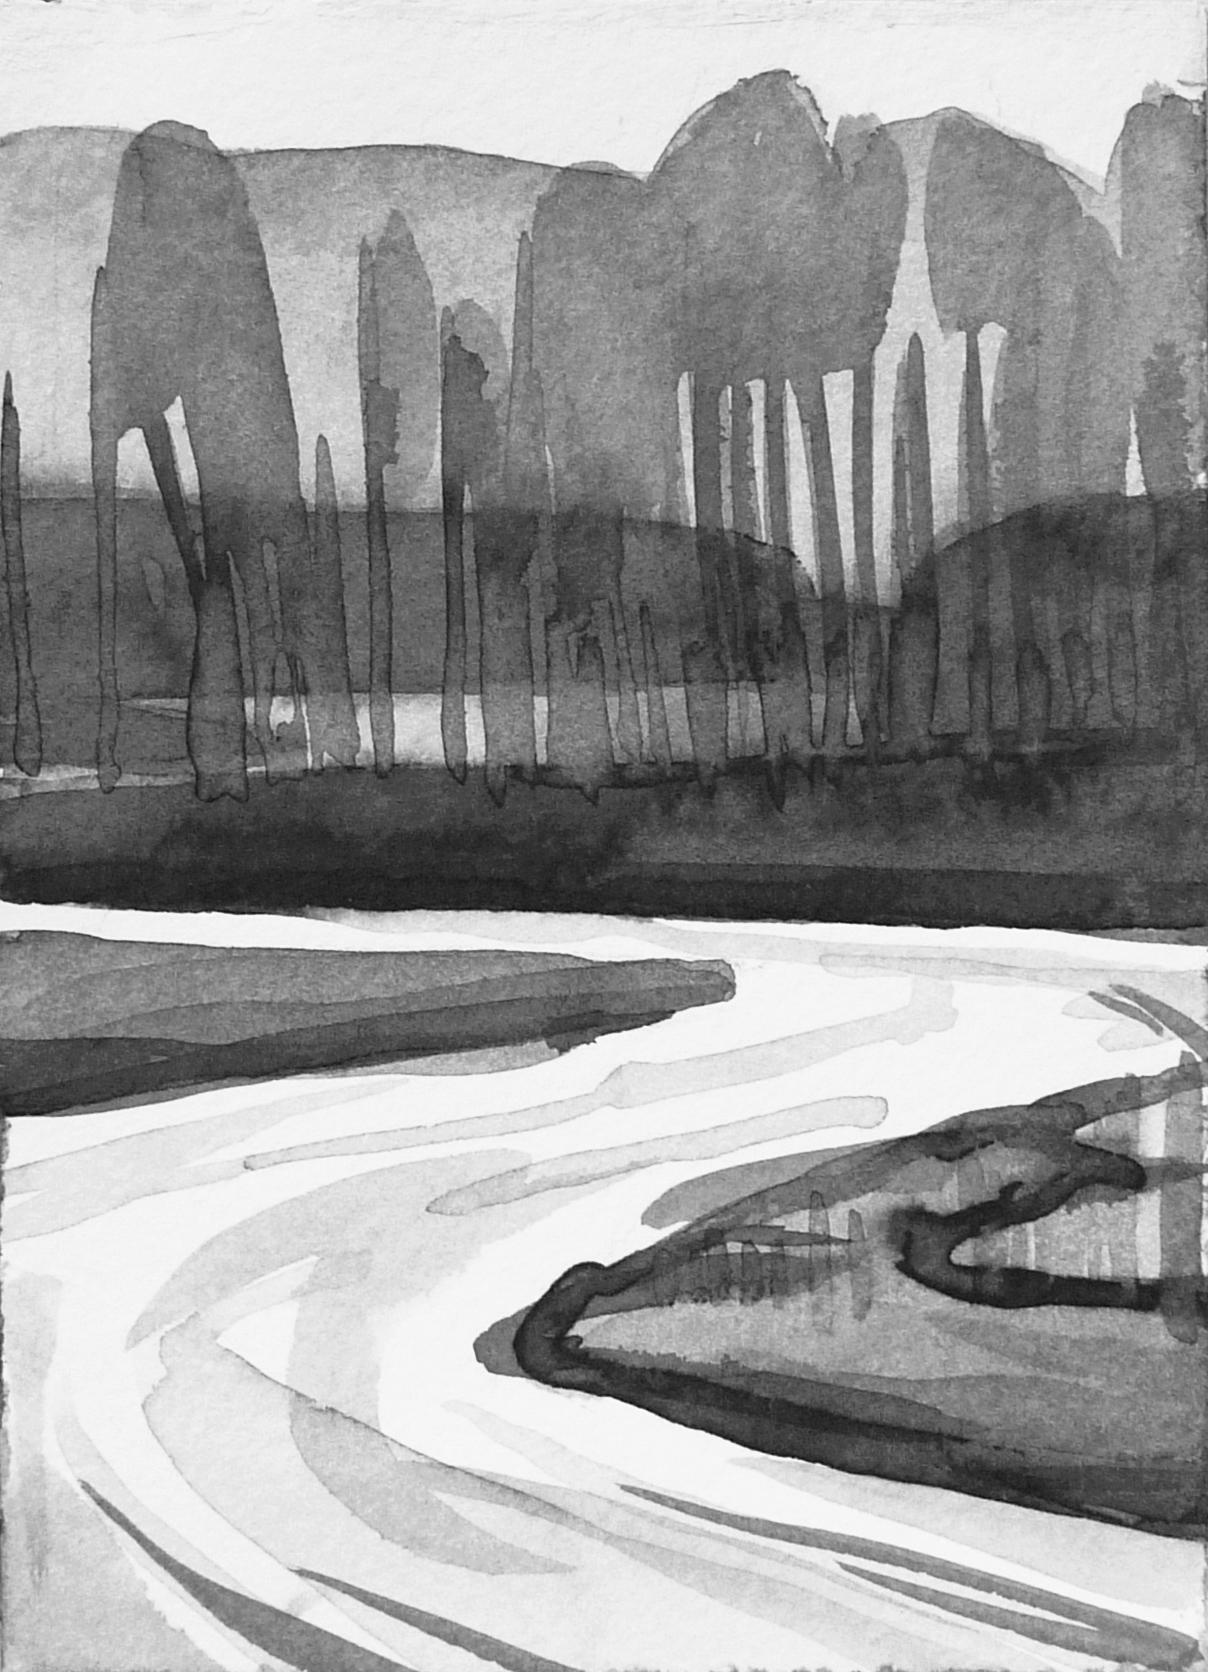 B&W vertical 13-23. Ink, paper. 15x10cm. 2015